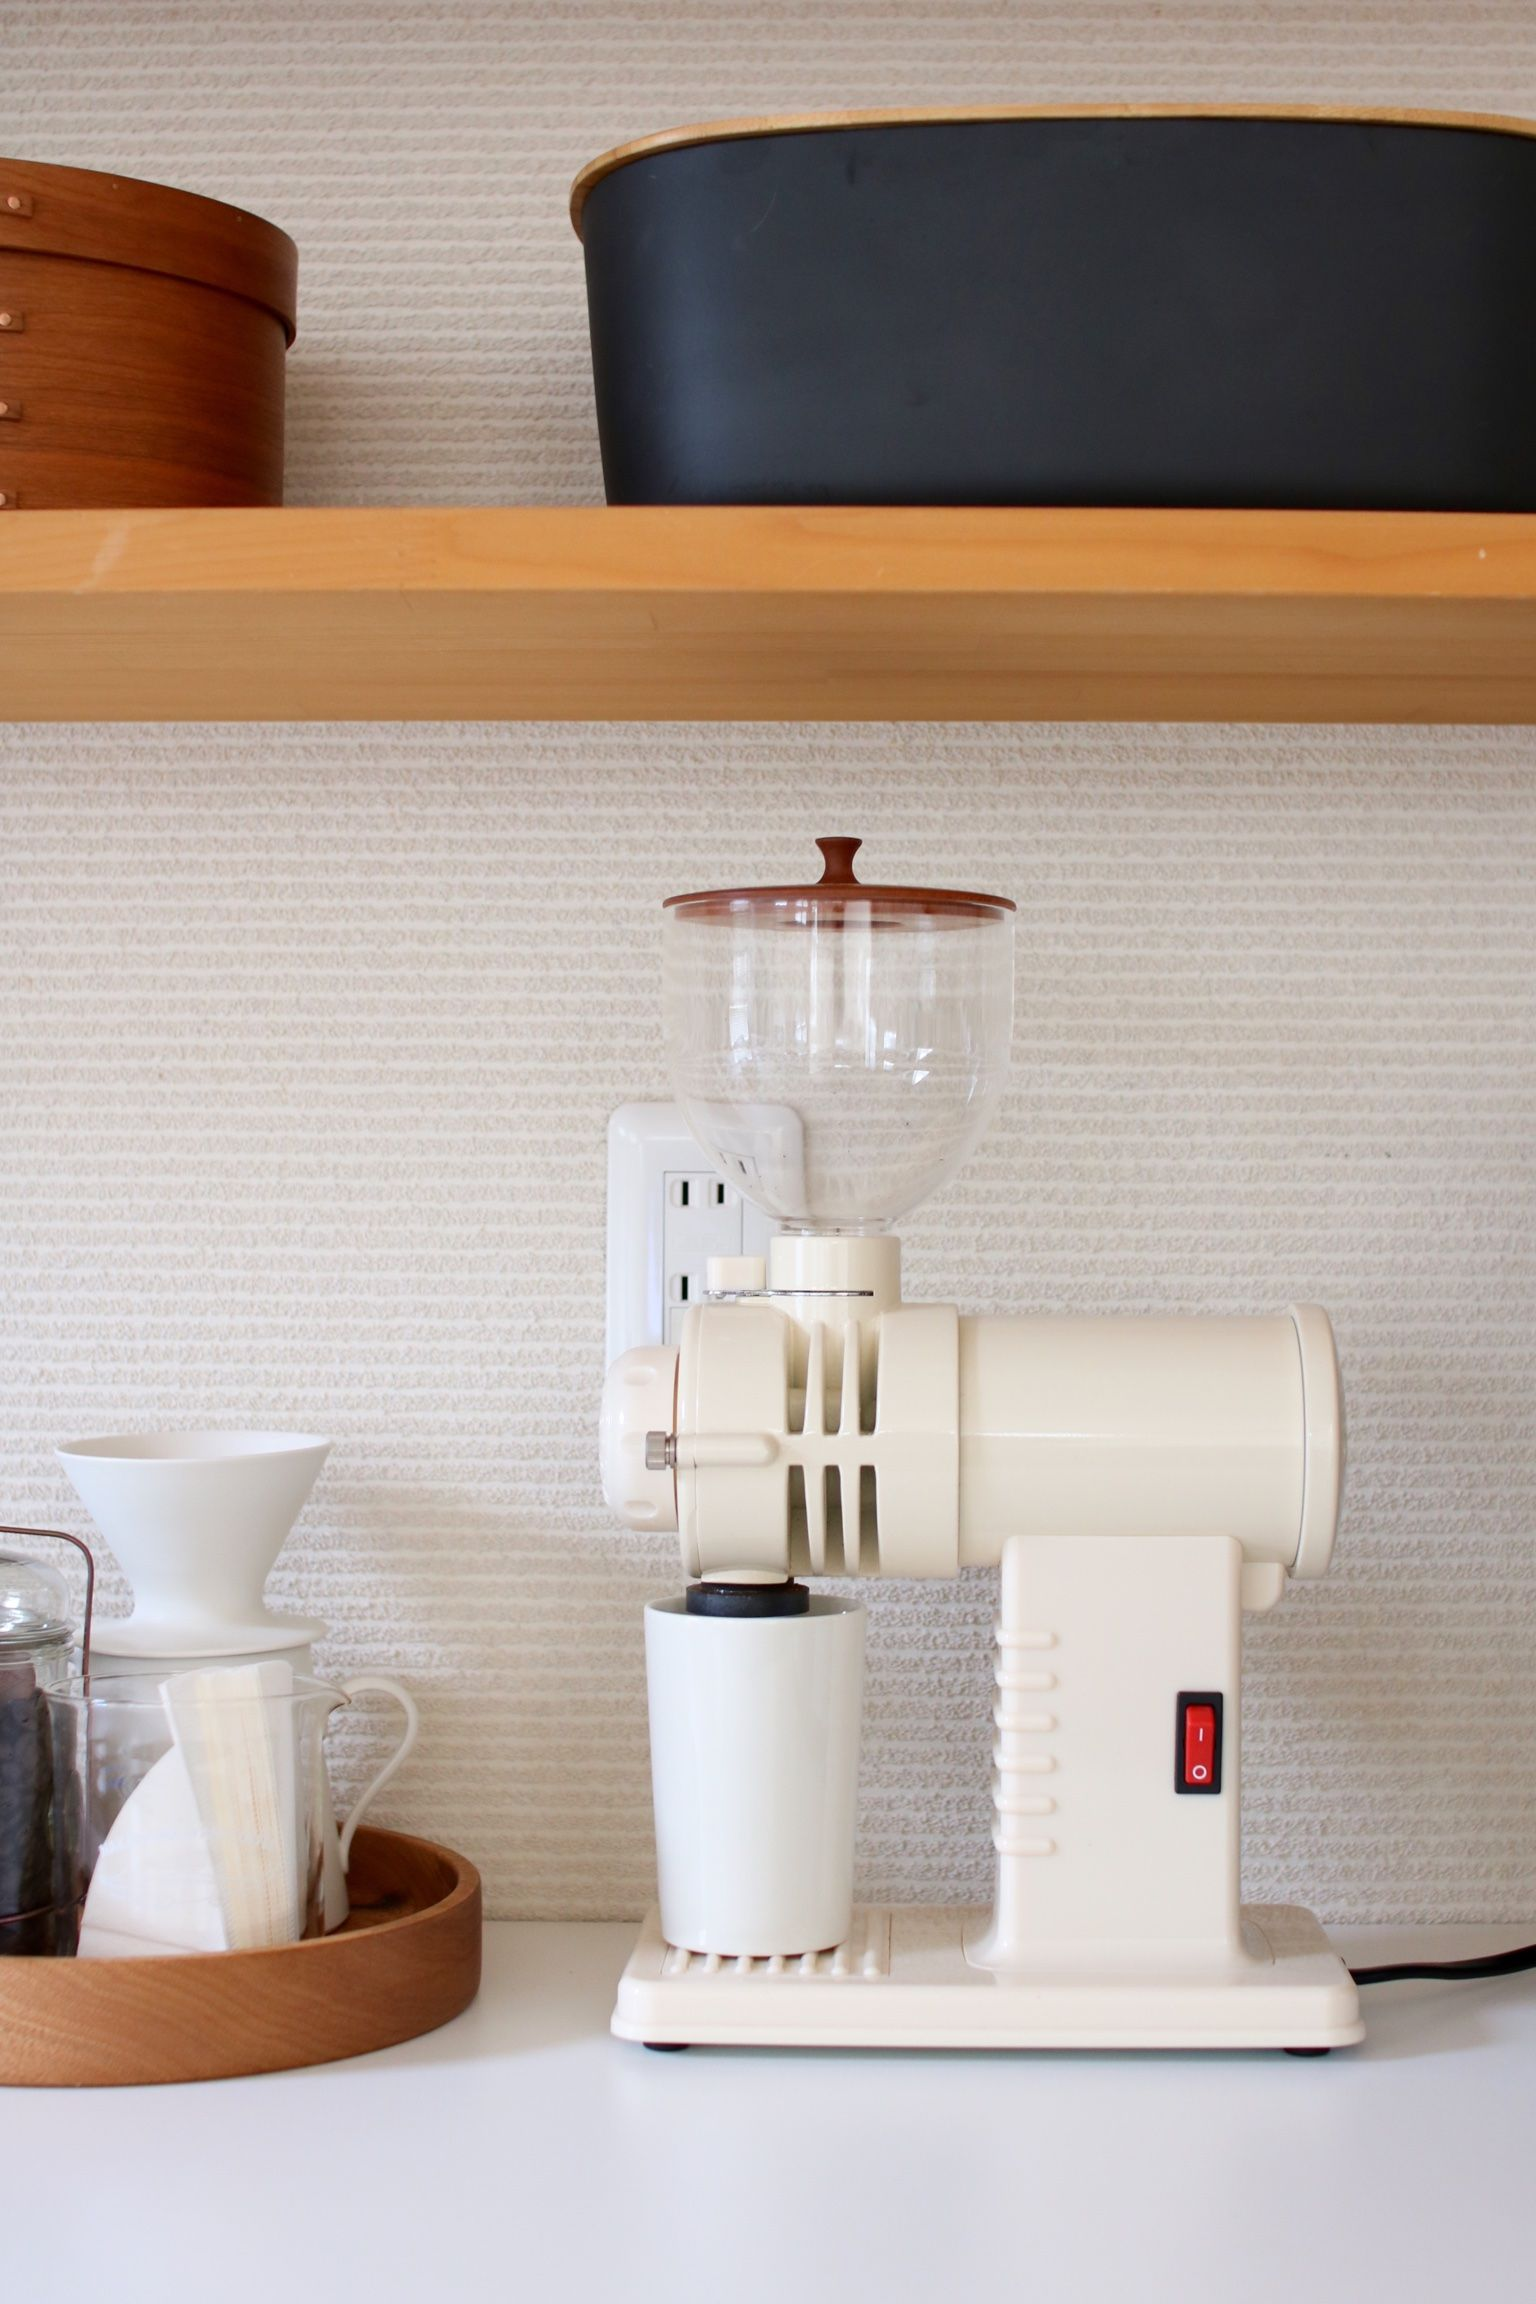 そしてキッチンにあるコーヒーミルで、Tさんが毎日コーヒーを淹れているそうで、まるで無印良品の広告のような暮らしをしています(笑)。